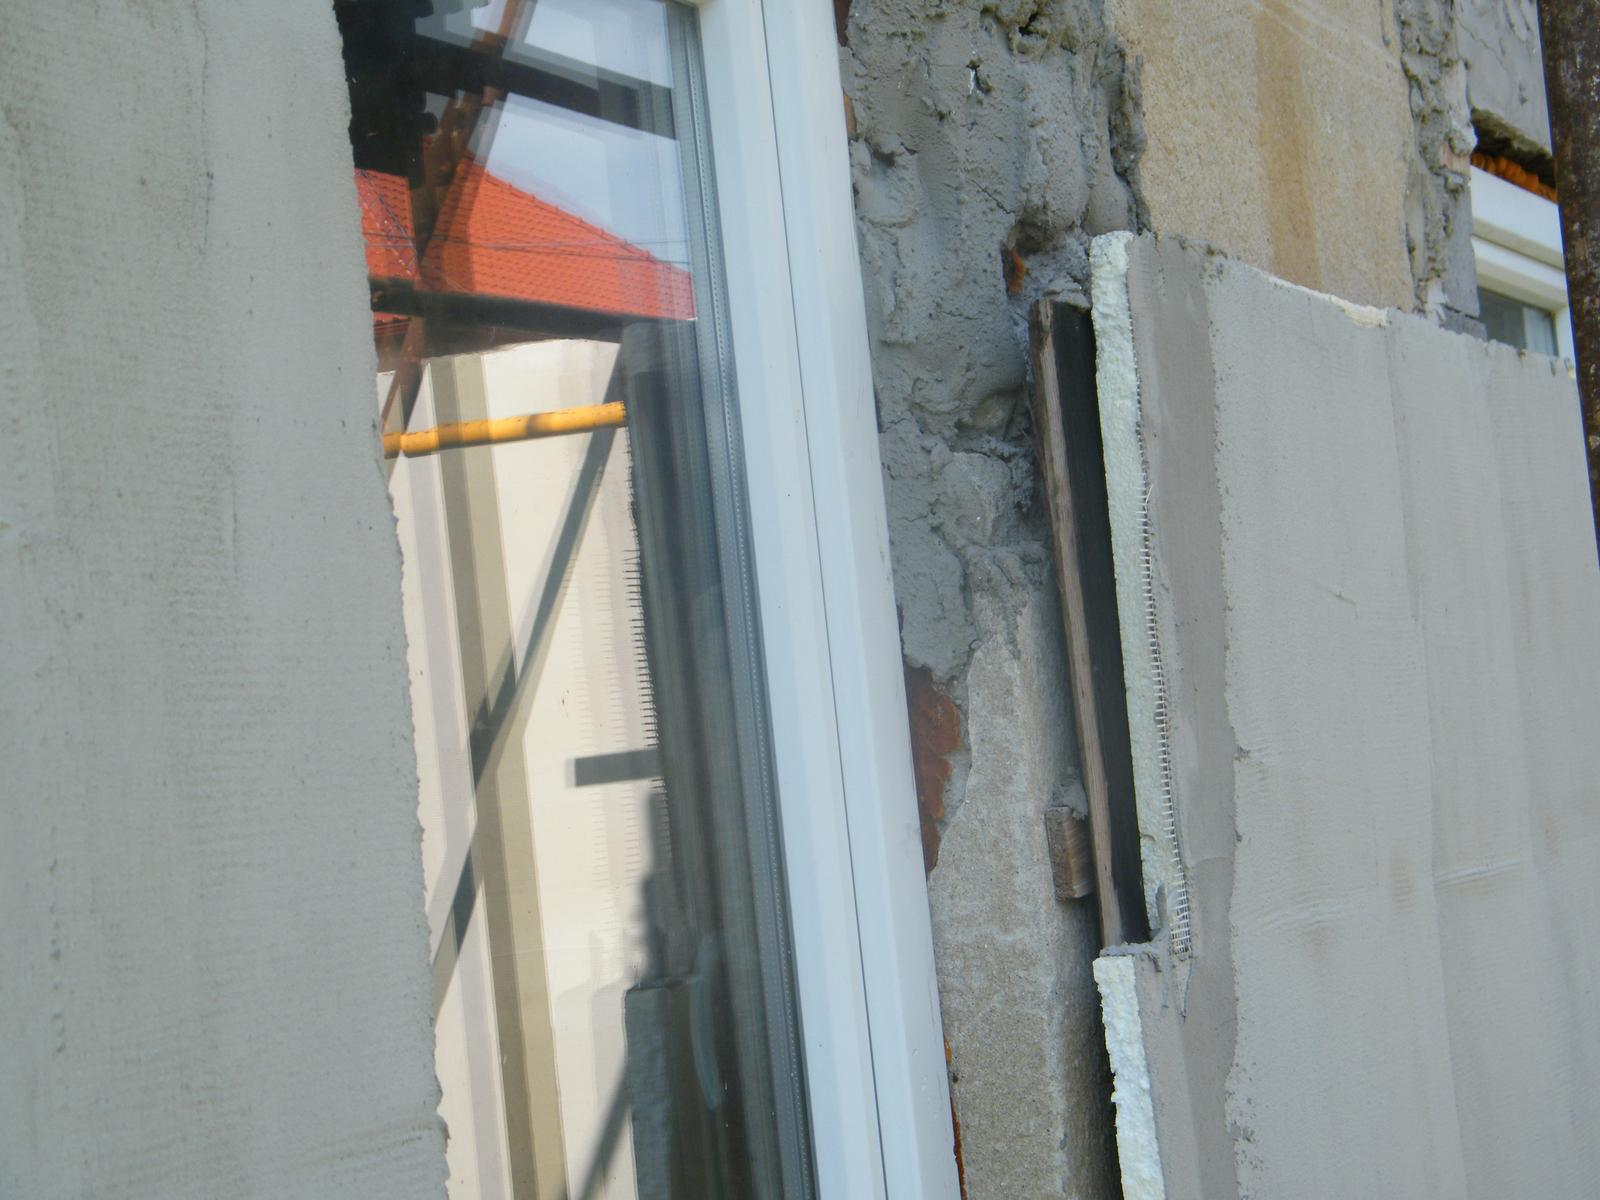 """Aj takto sa rekonštruuje... - Detail plastového okna a """"vyrovnávynie"""" fasády. Polystyrén popodkladaný kadejakými kúskami dosiek...."""